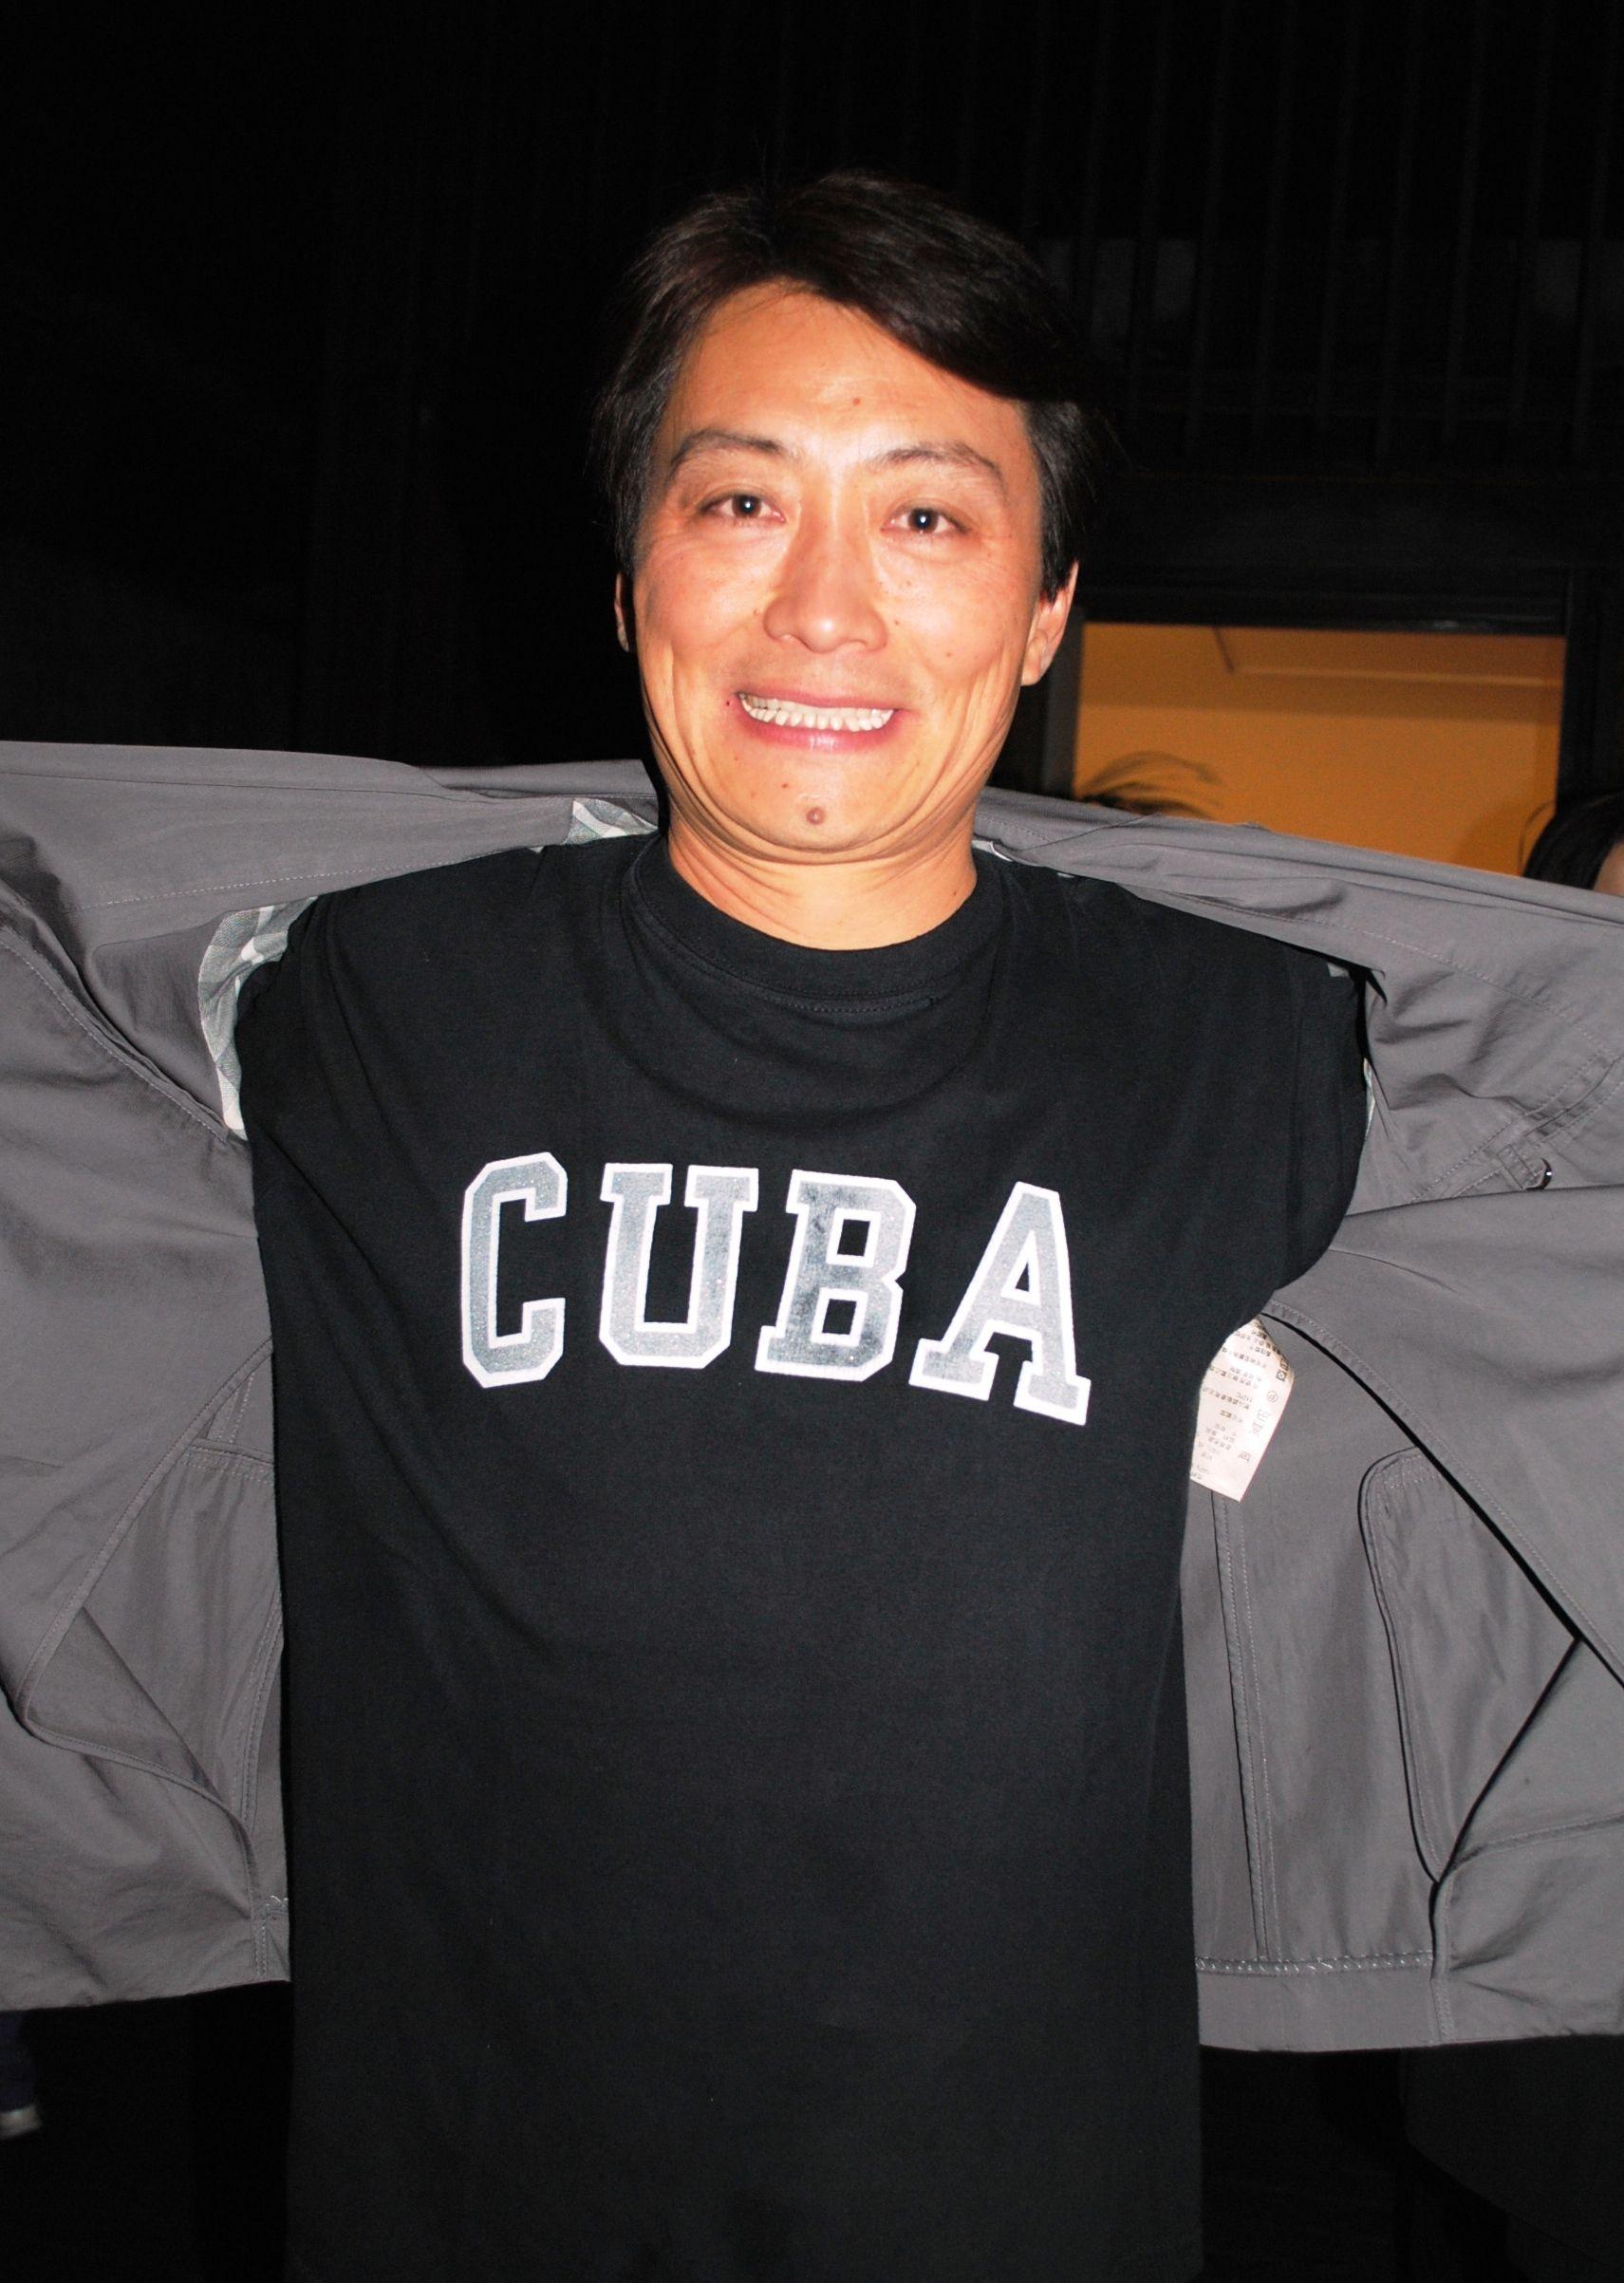 El galerista chino Cheng Xindong confiesa que las artes visuales contemporáneas de Cuba le han generado una especie de adicción por la Isla. Hoy no se mueve sin un Cohíba o Monte Cristo entre los labios.